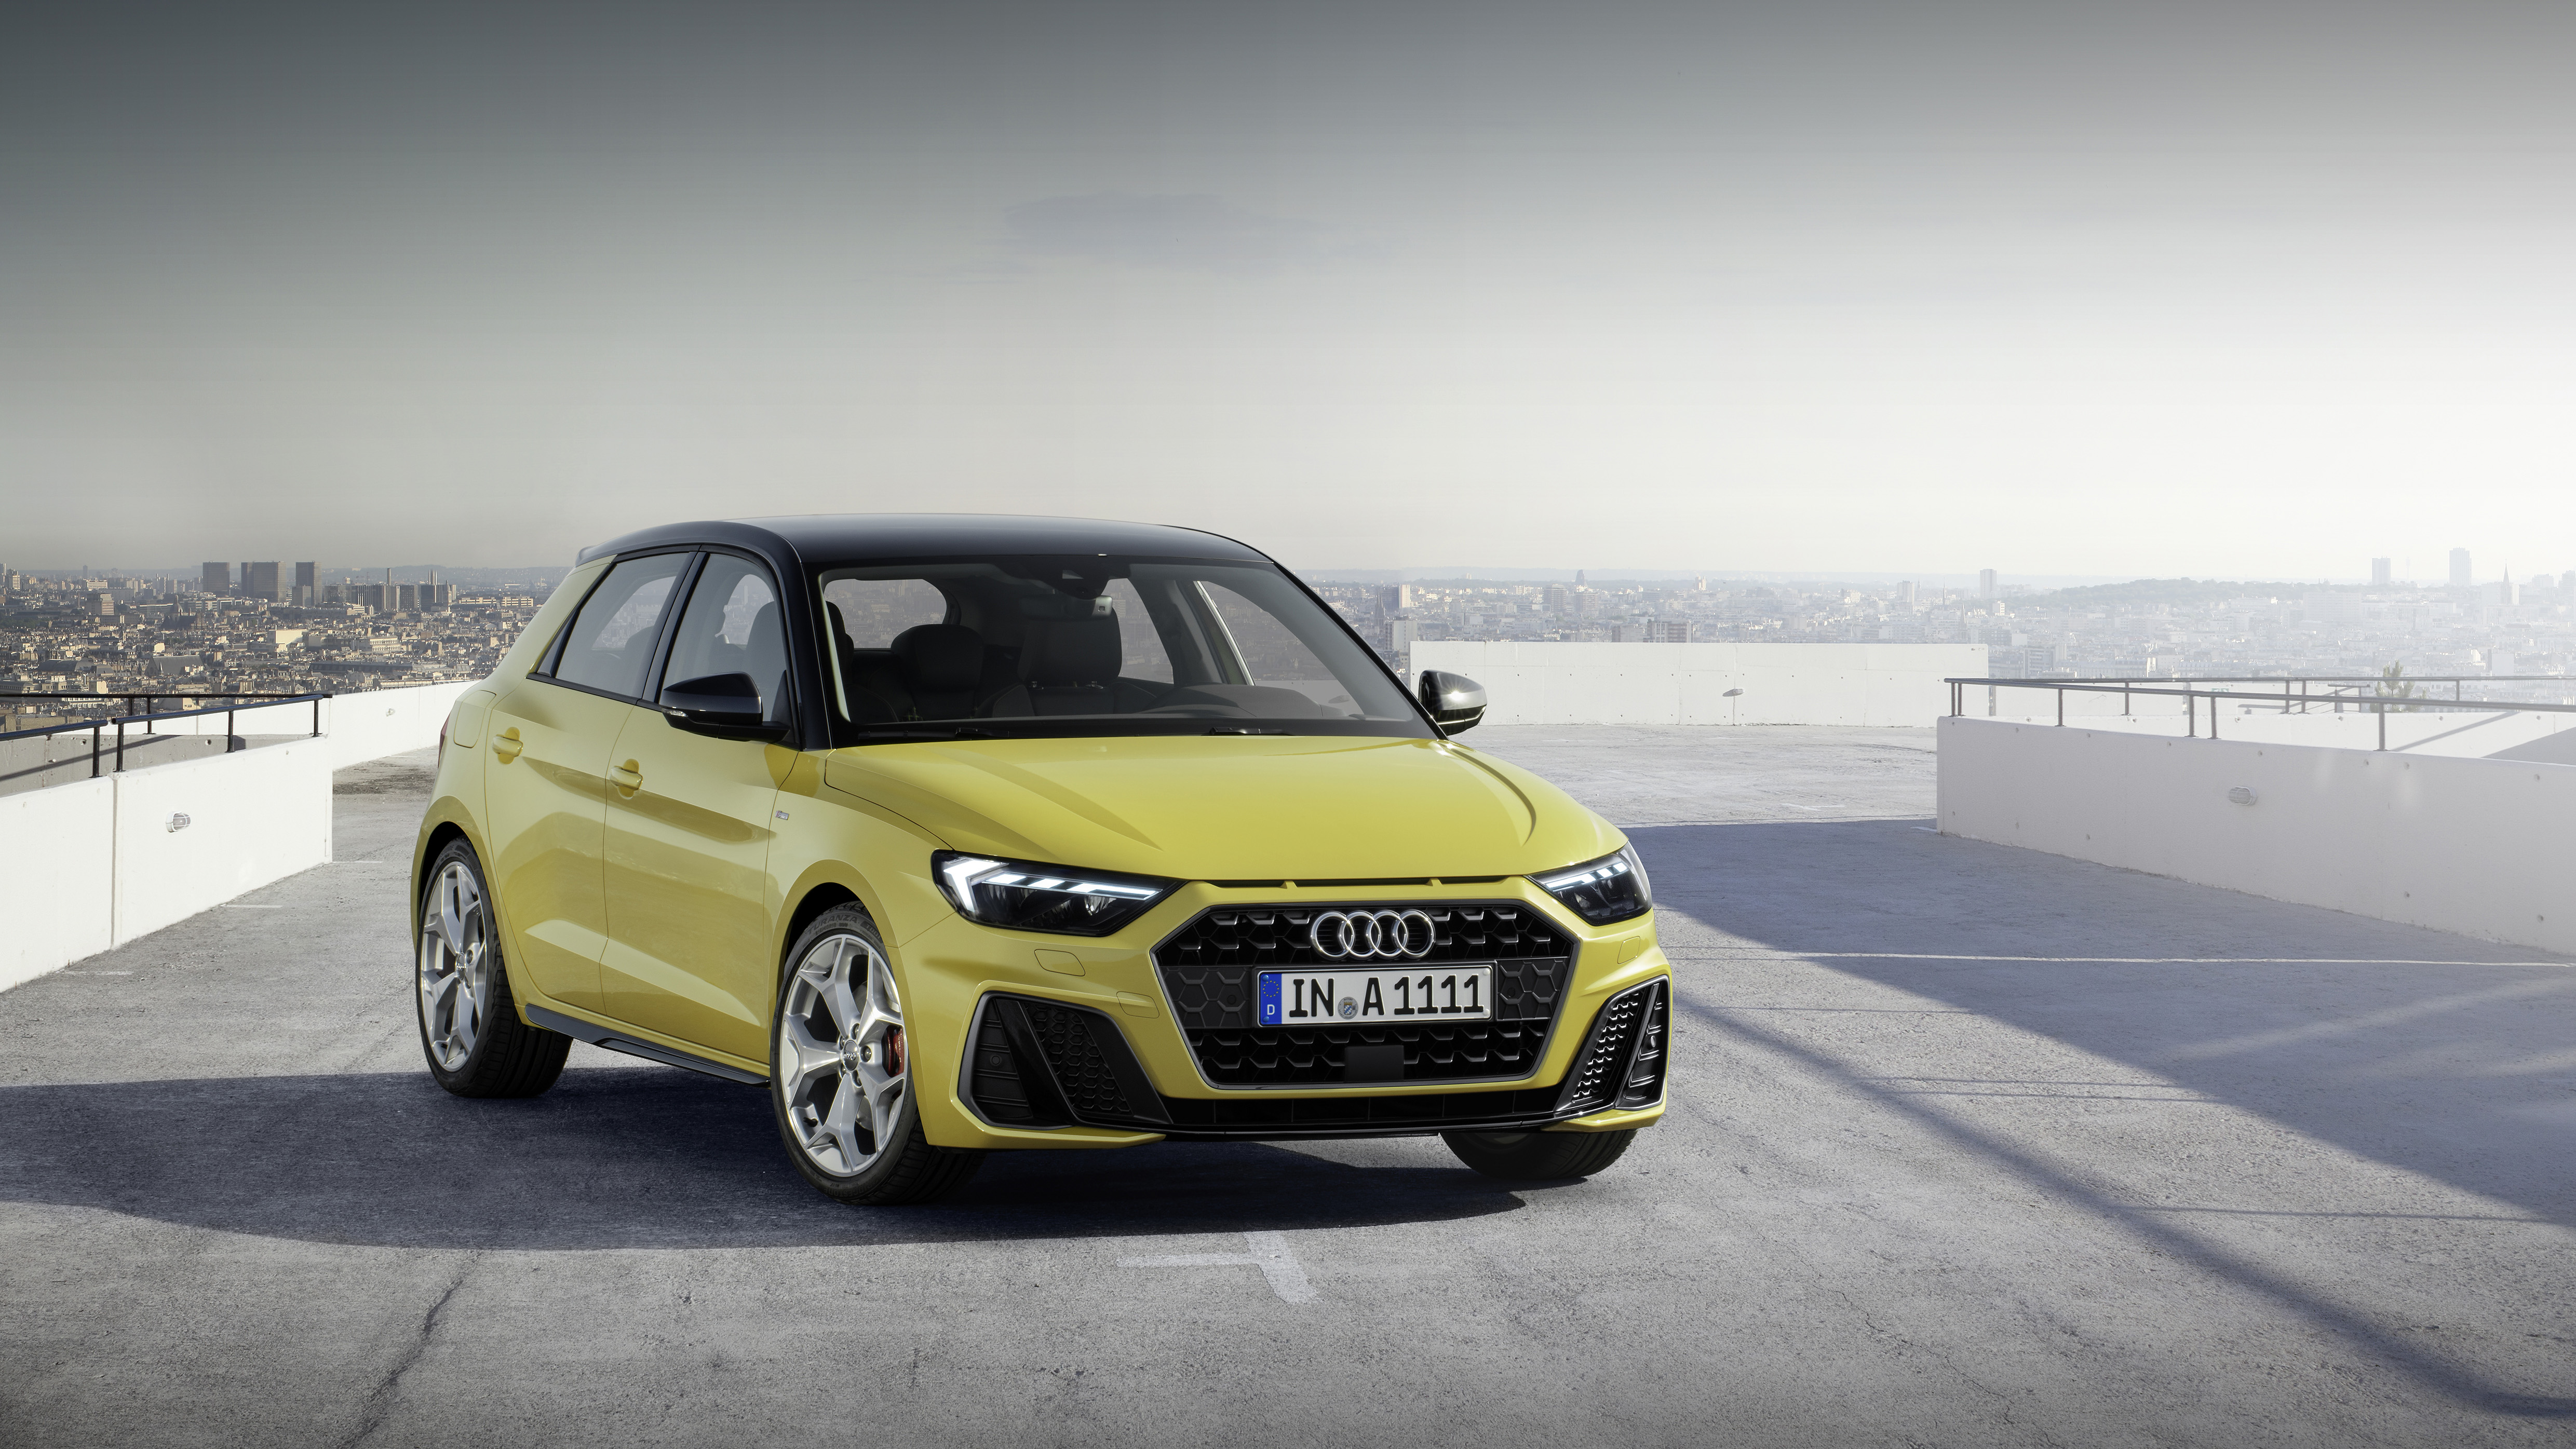 New Audi A BuyaCar - Audi a1 2018